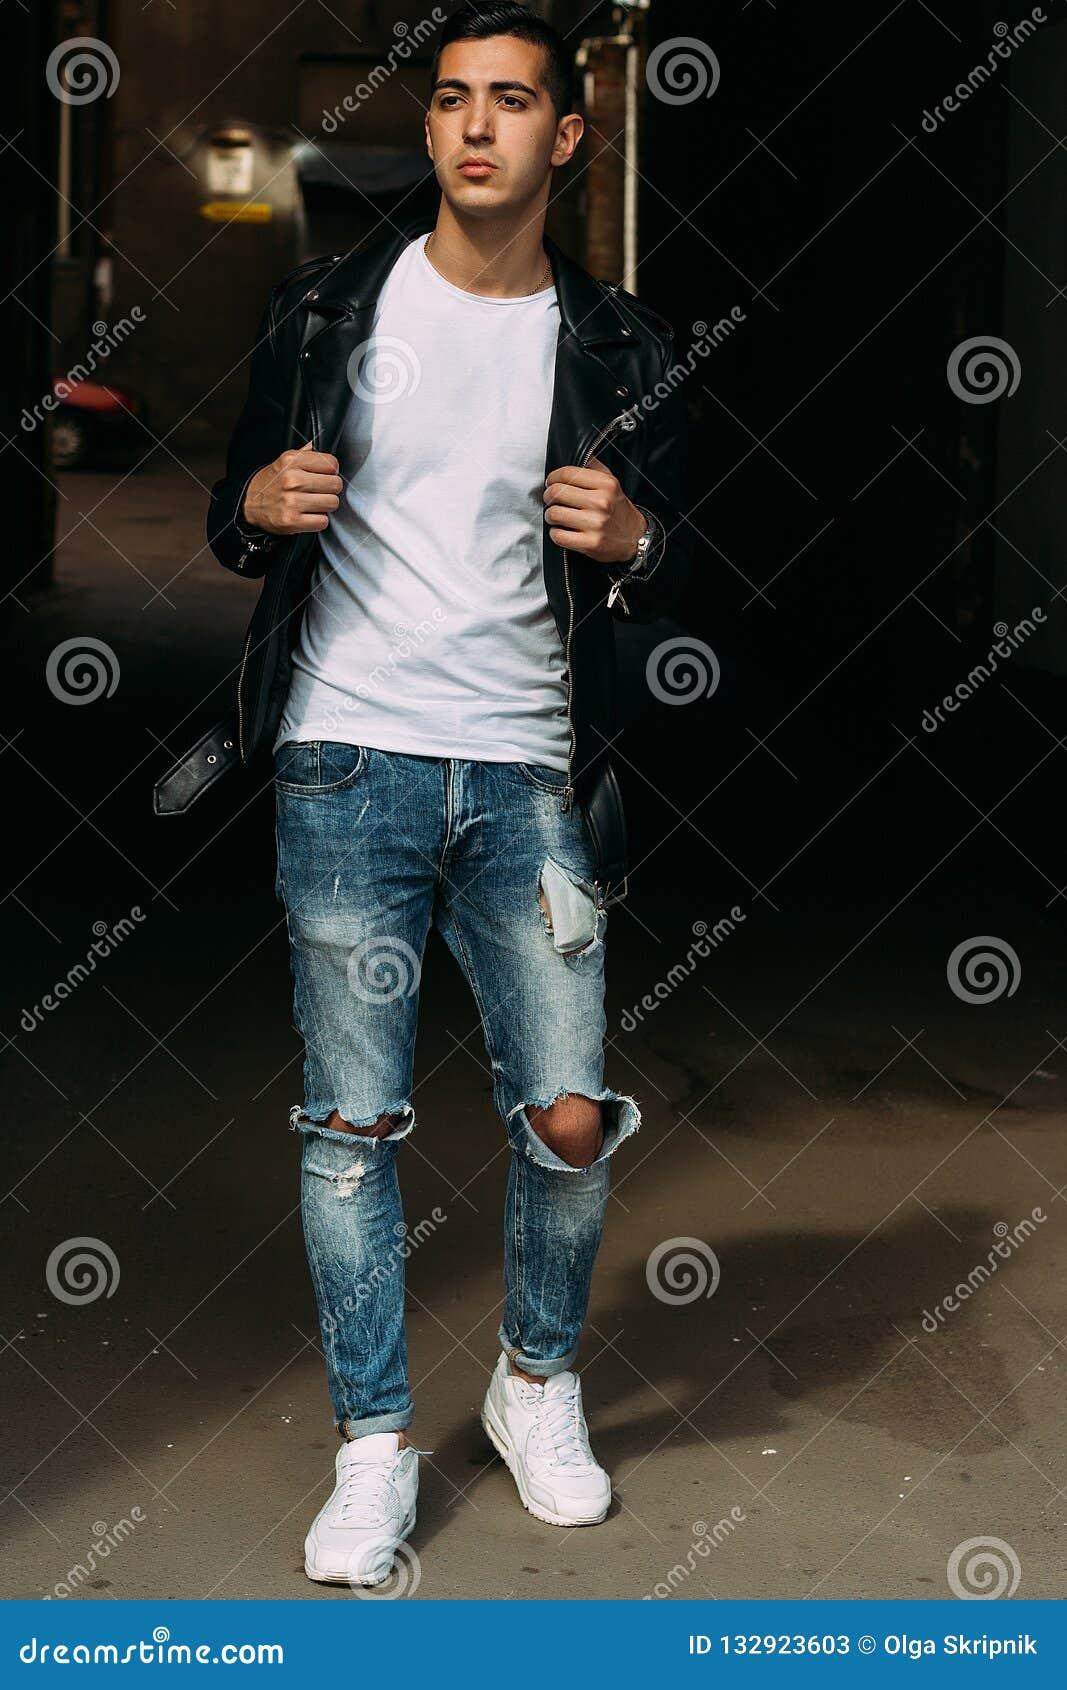 Le Jeune, Beau Type Dans Un T-shirt Blanc,